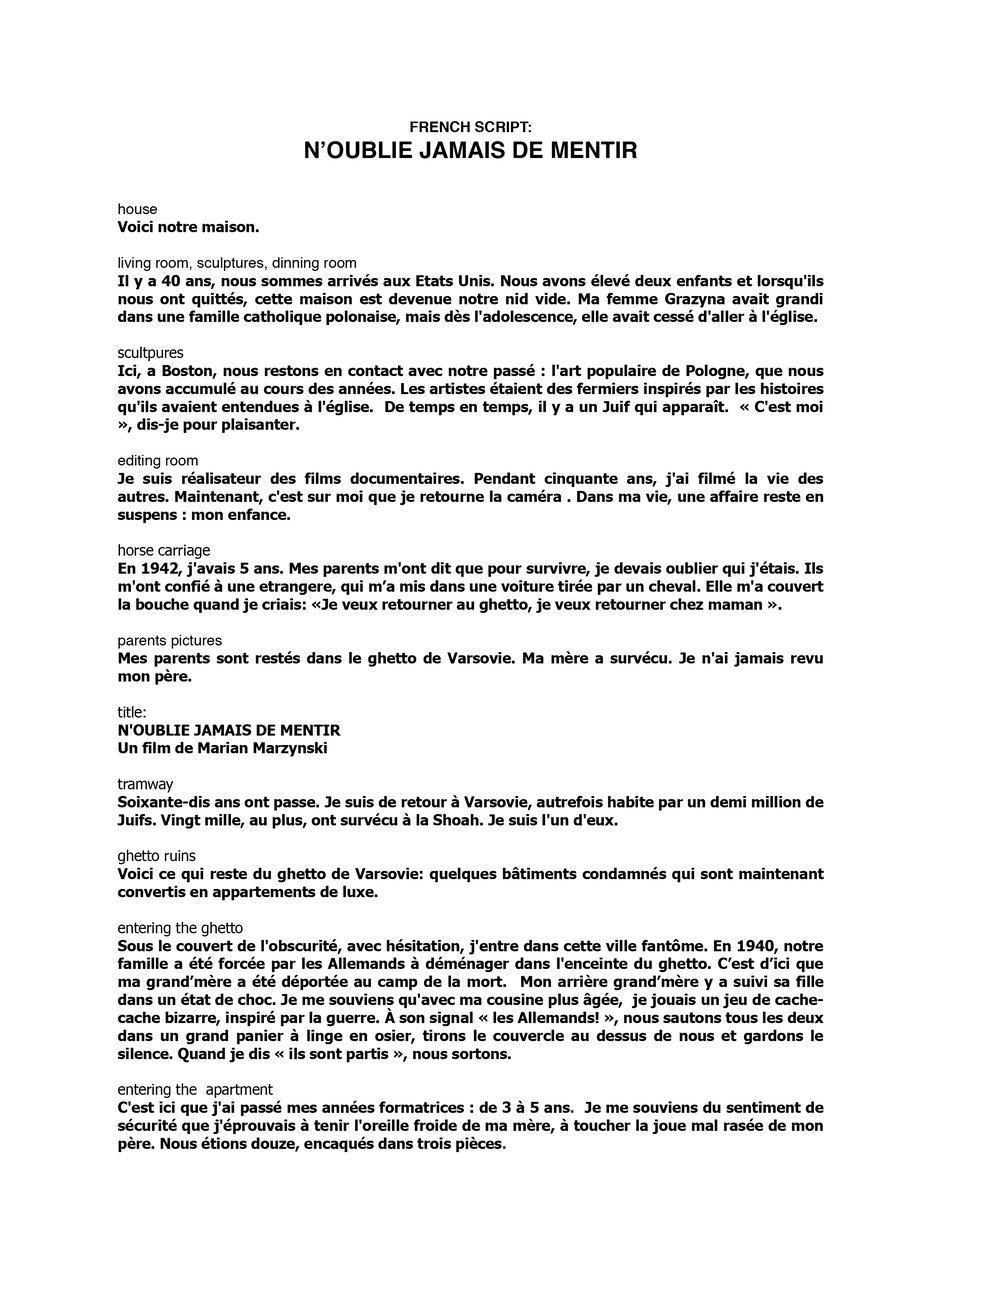 FRENCH-SCRIPT--N'OUBLIE-JAMAIS-DE-MENTIR-FINAL-copy-1.jpg